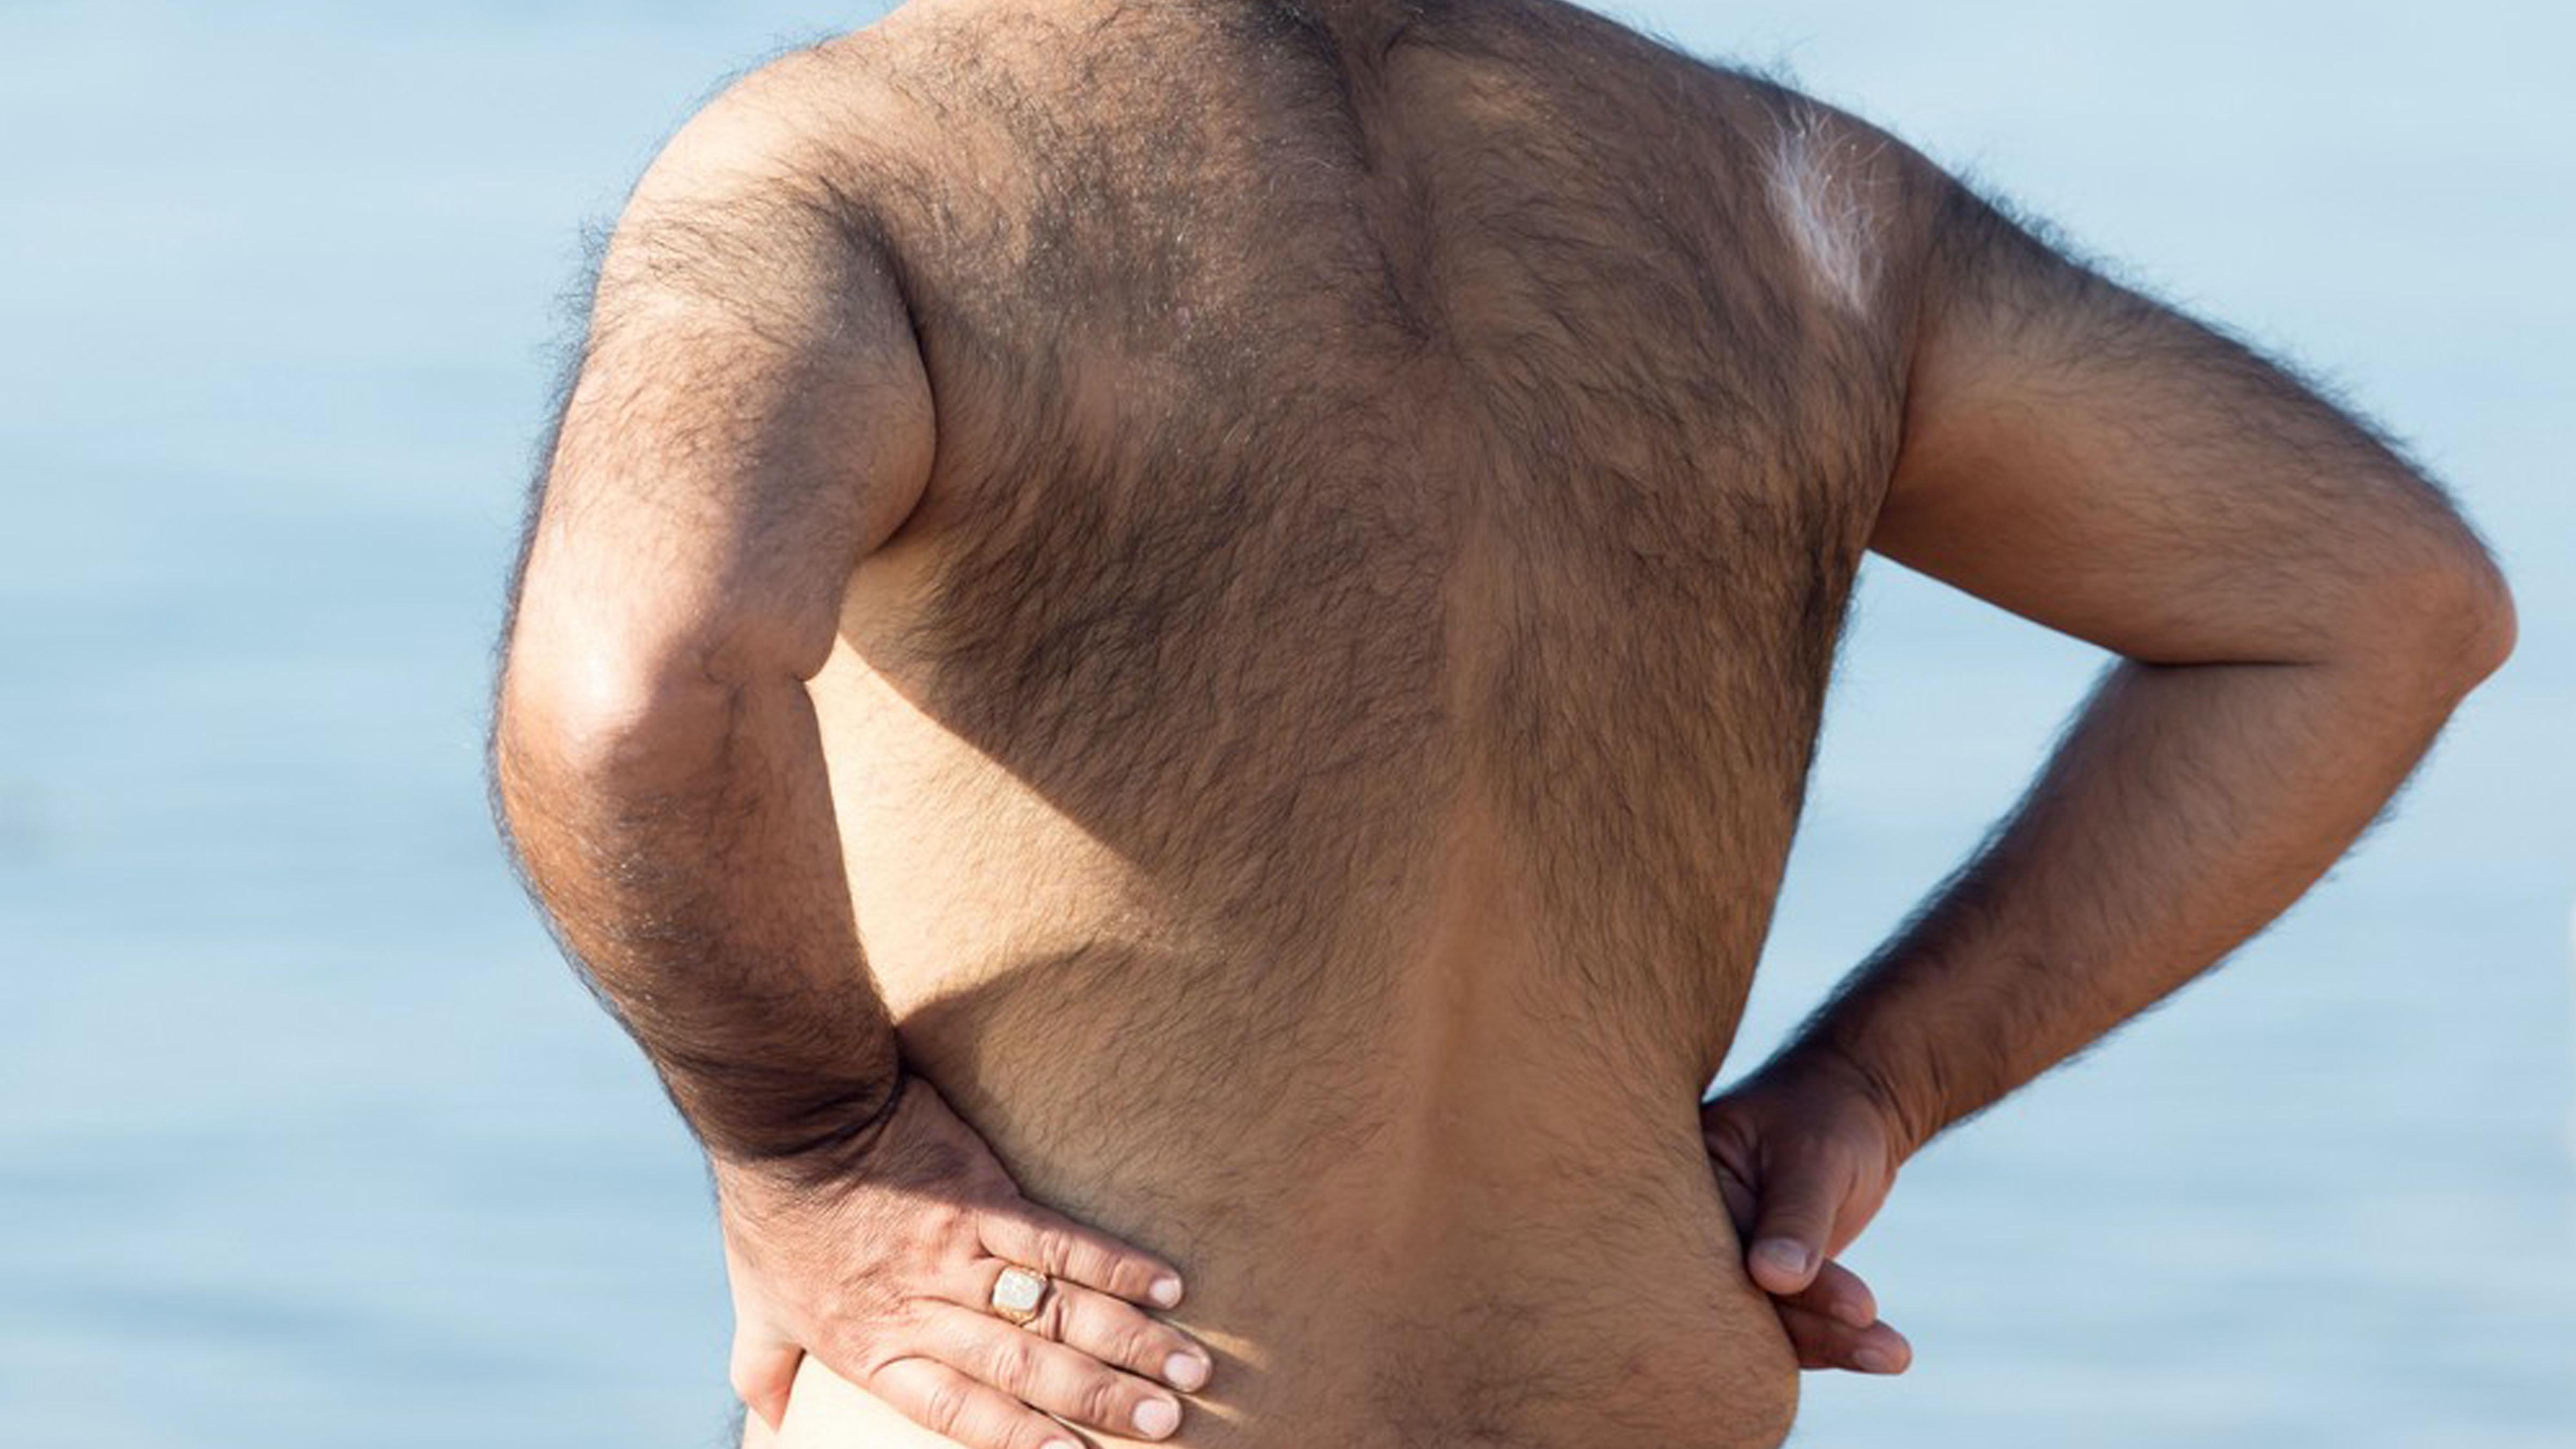 Hairy men butts